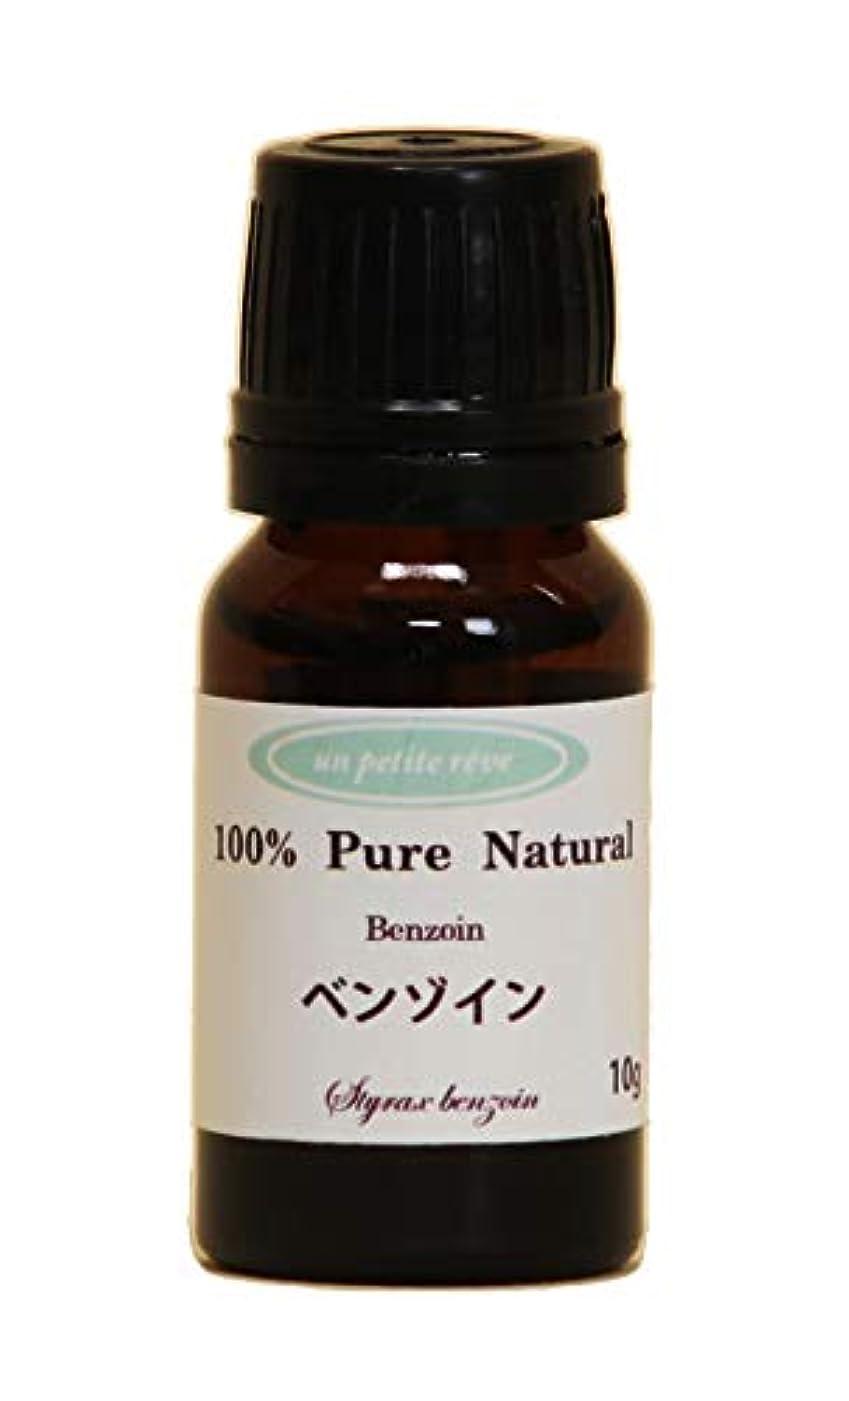 通知ふける吸い込むベンゾイン(ウッドマドラー付き) 10g 100%天然アロマエッセンシャルオイル(精油)